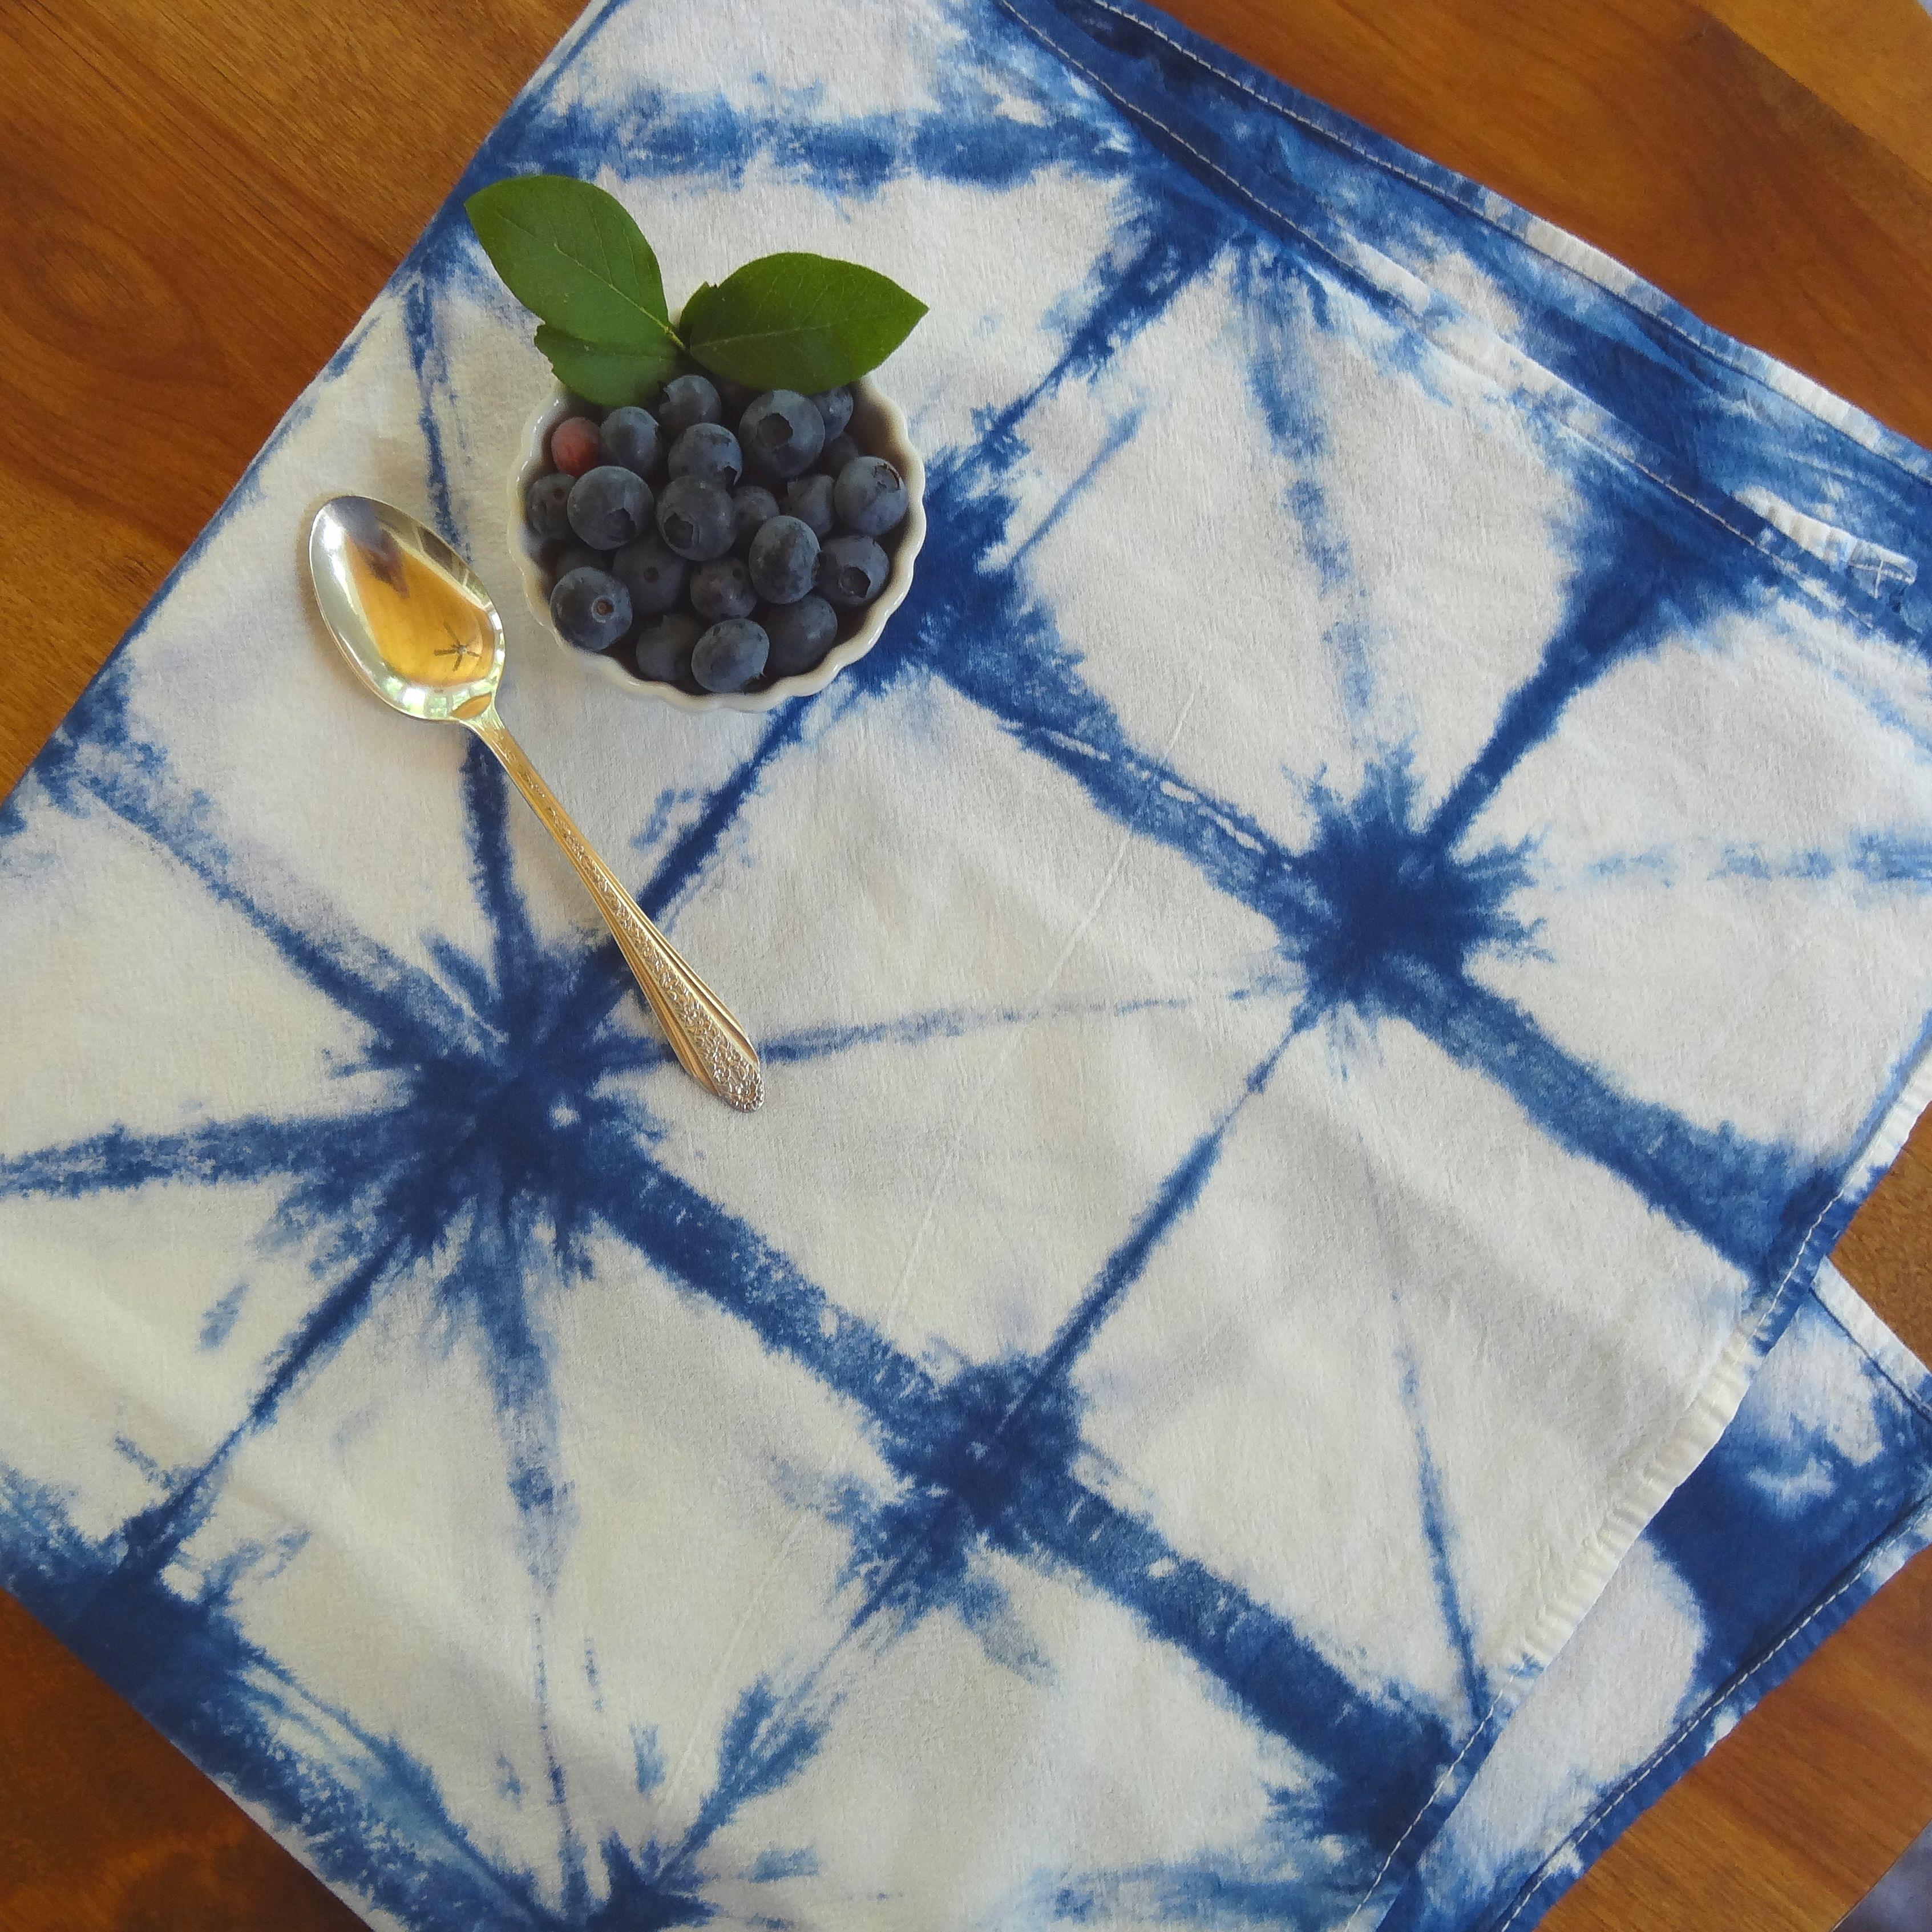 Indigo Flour sack towel